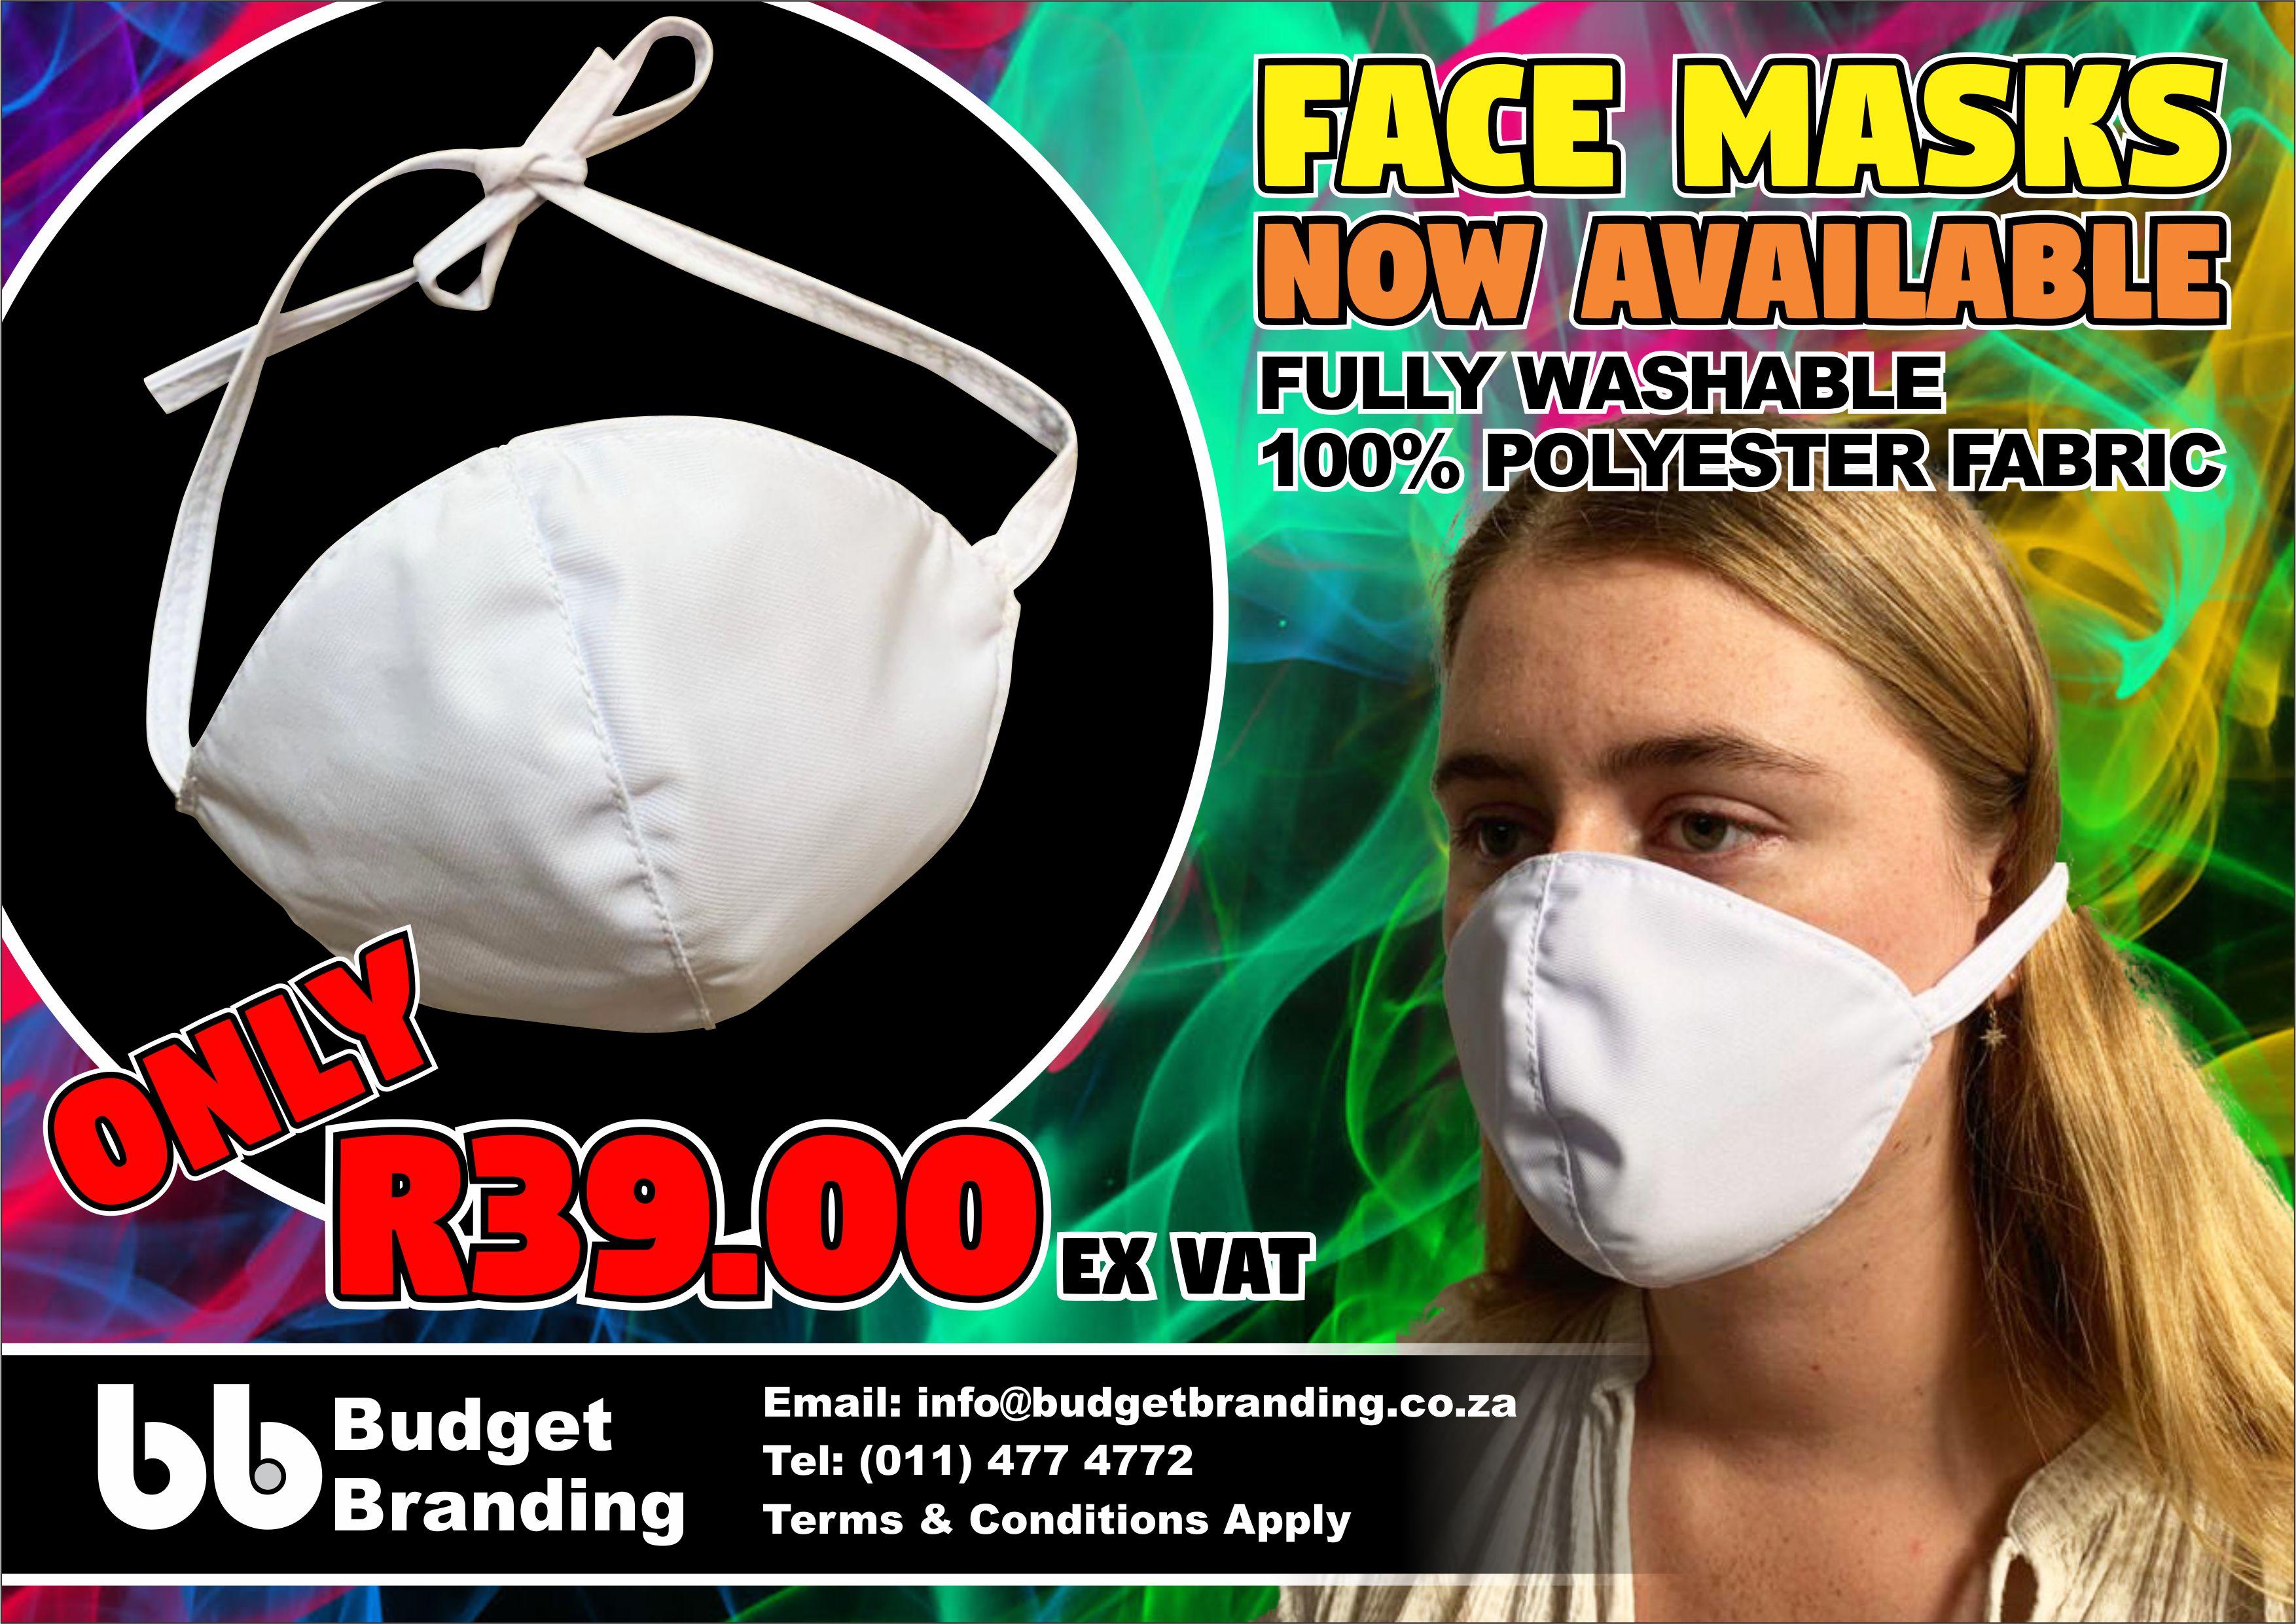 BB. Face Masks